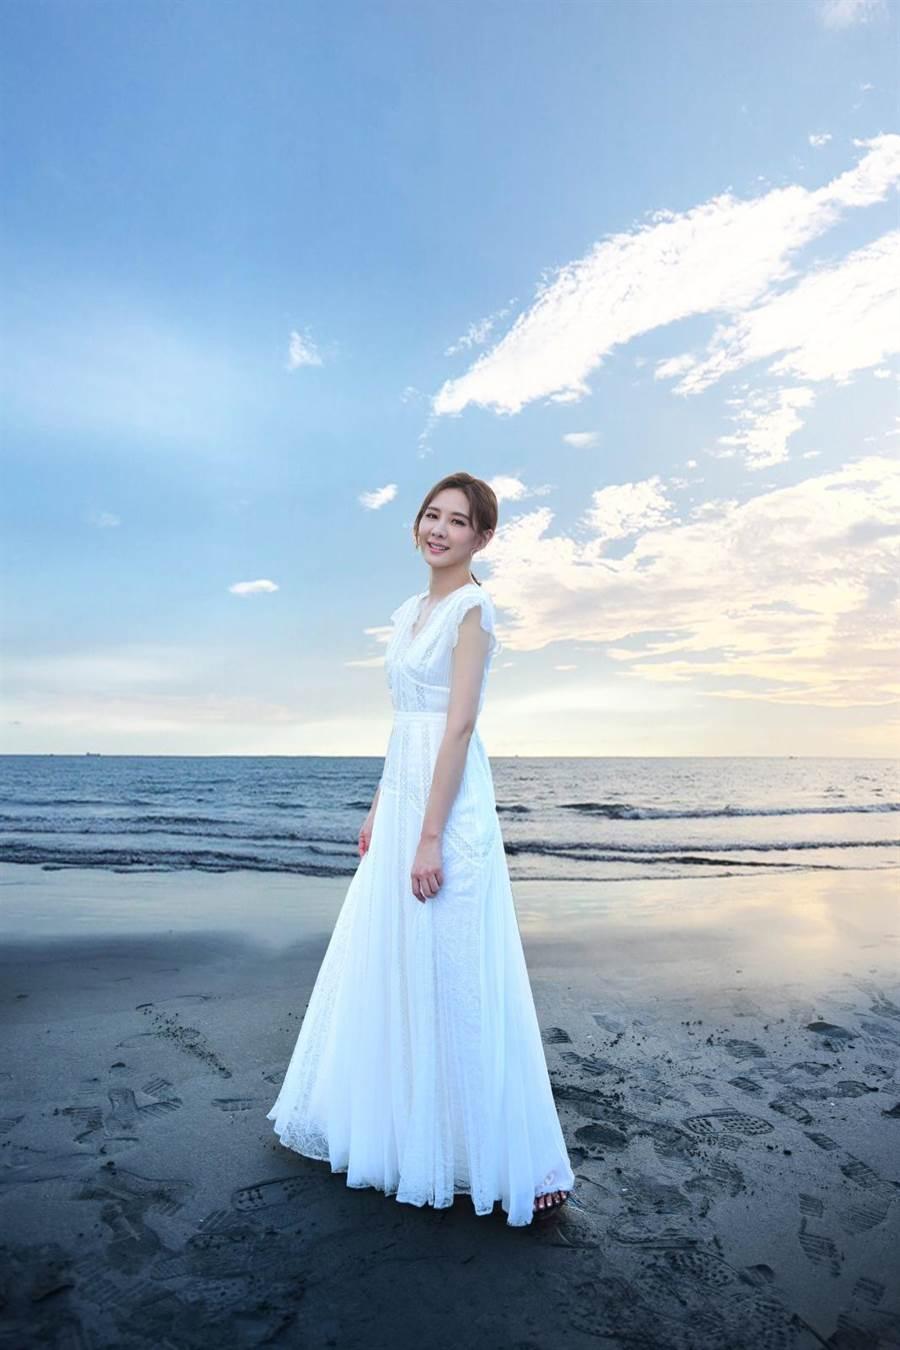 安心亞身著白色洋裝漫步在漁光島沙灘。(環球音樂提供)